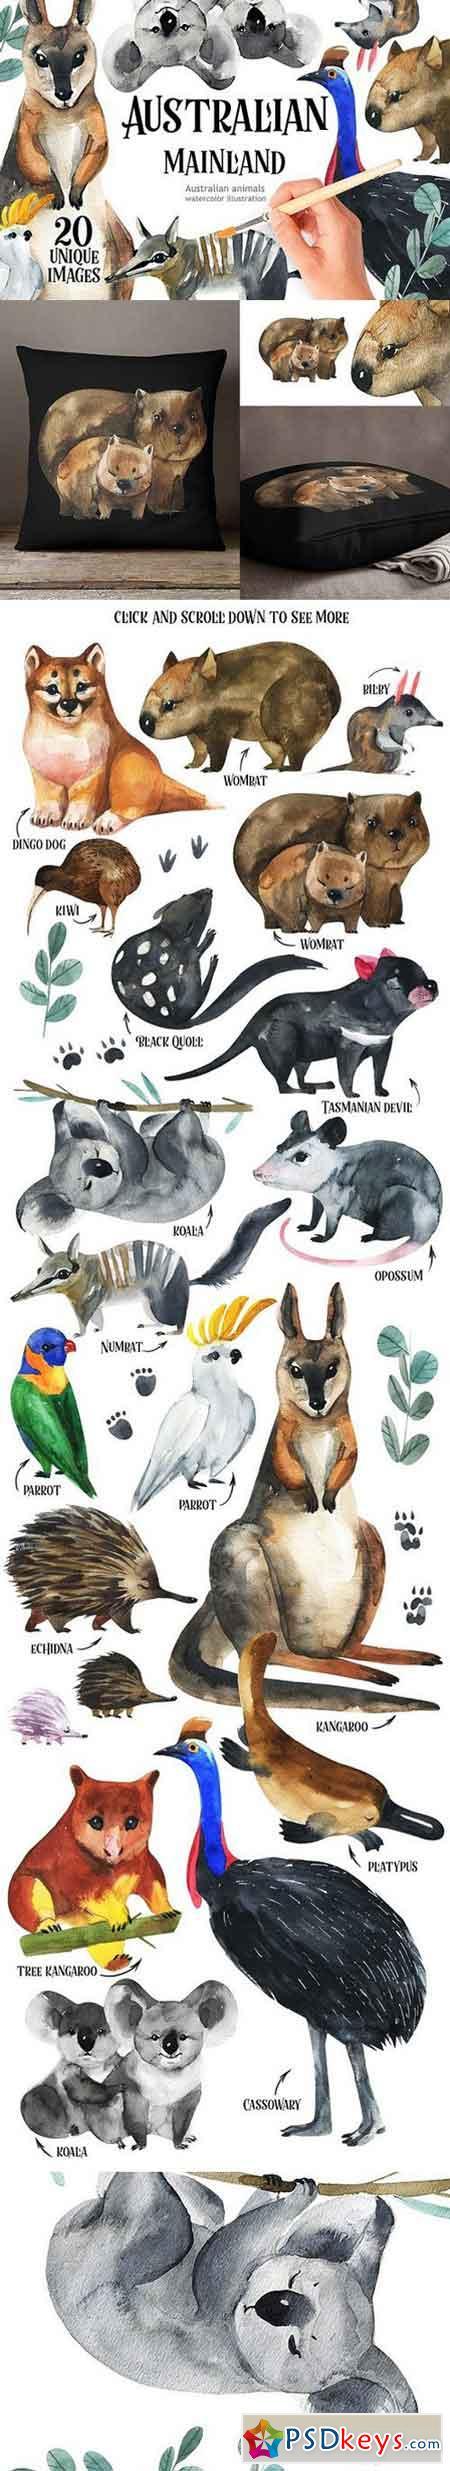 Australian Mainland-illustration set 1311841